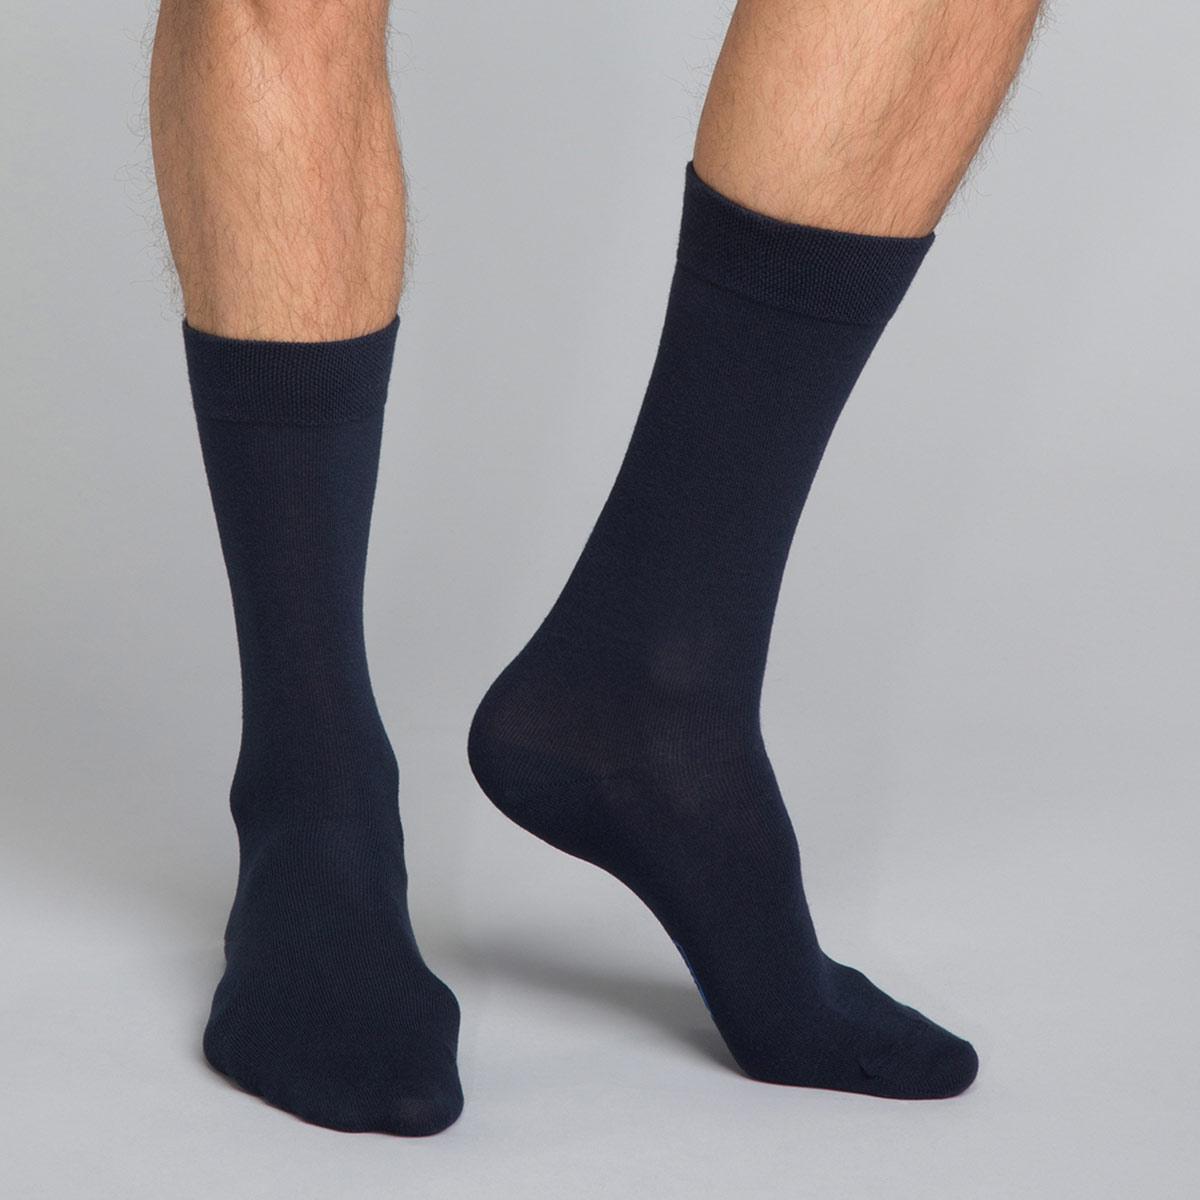 Mi-chaussettes classique coton X3 bleu Homme Basic Coton